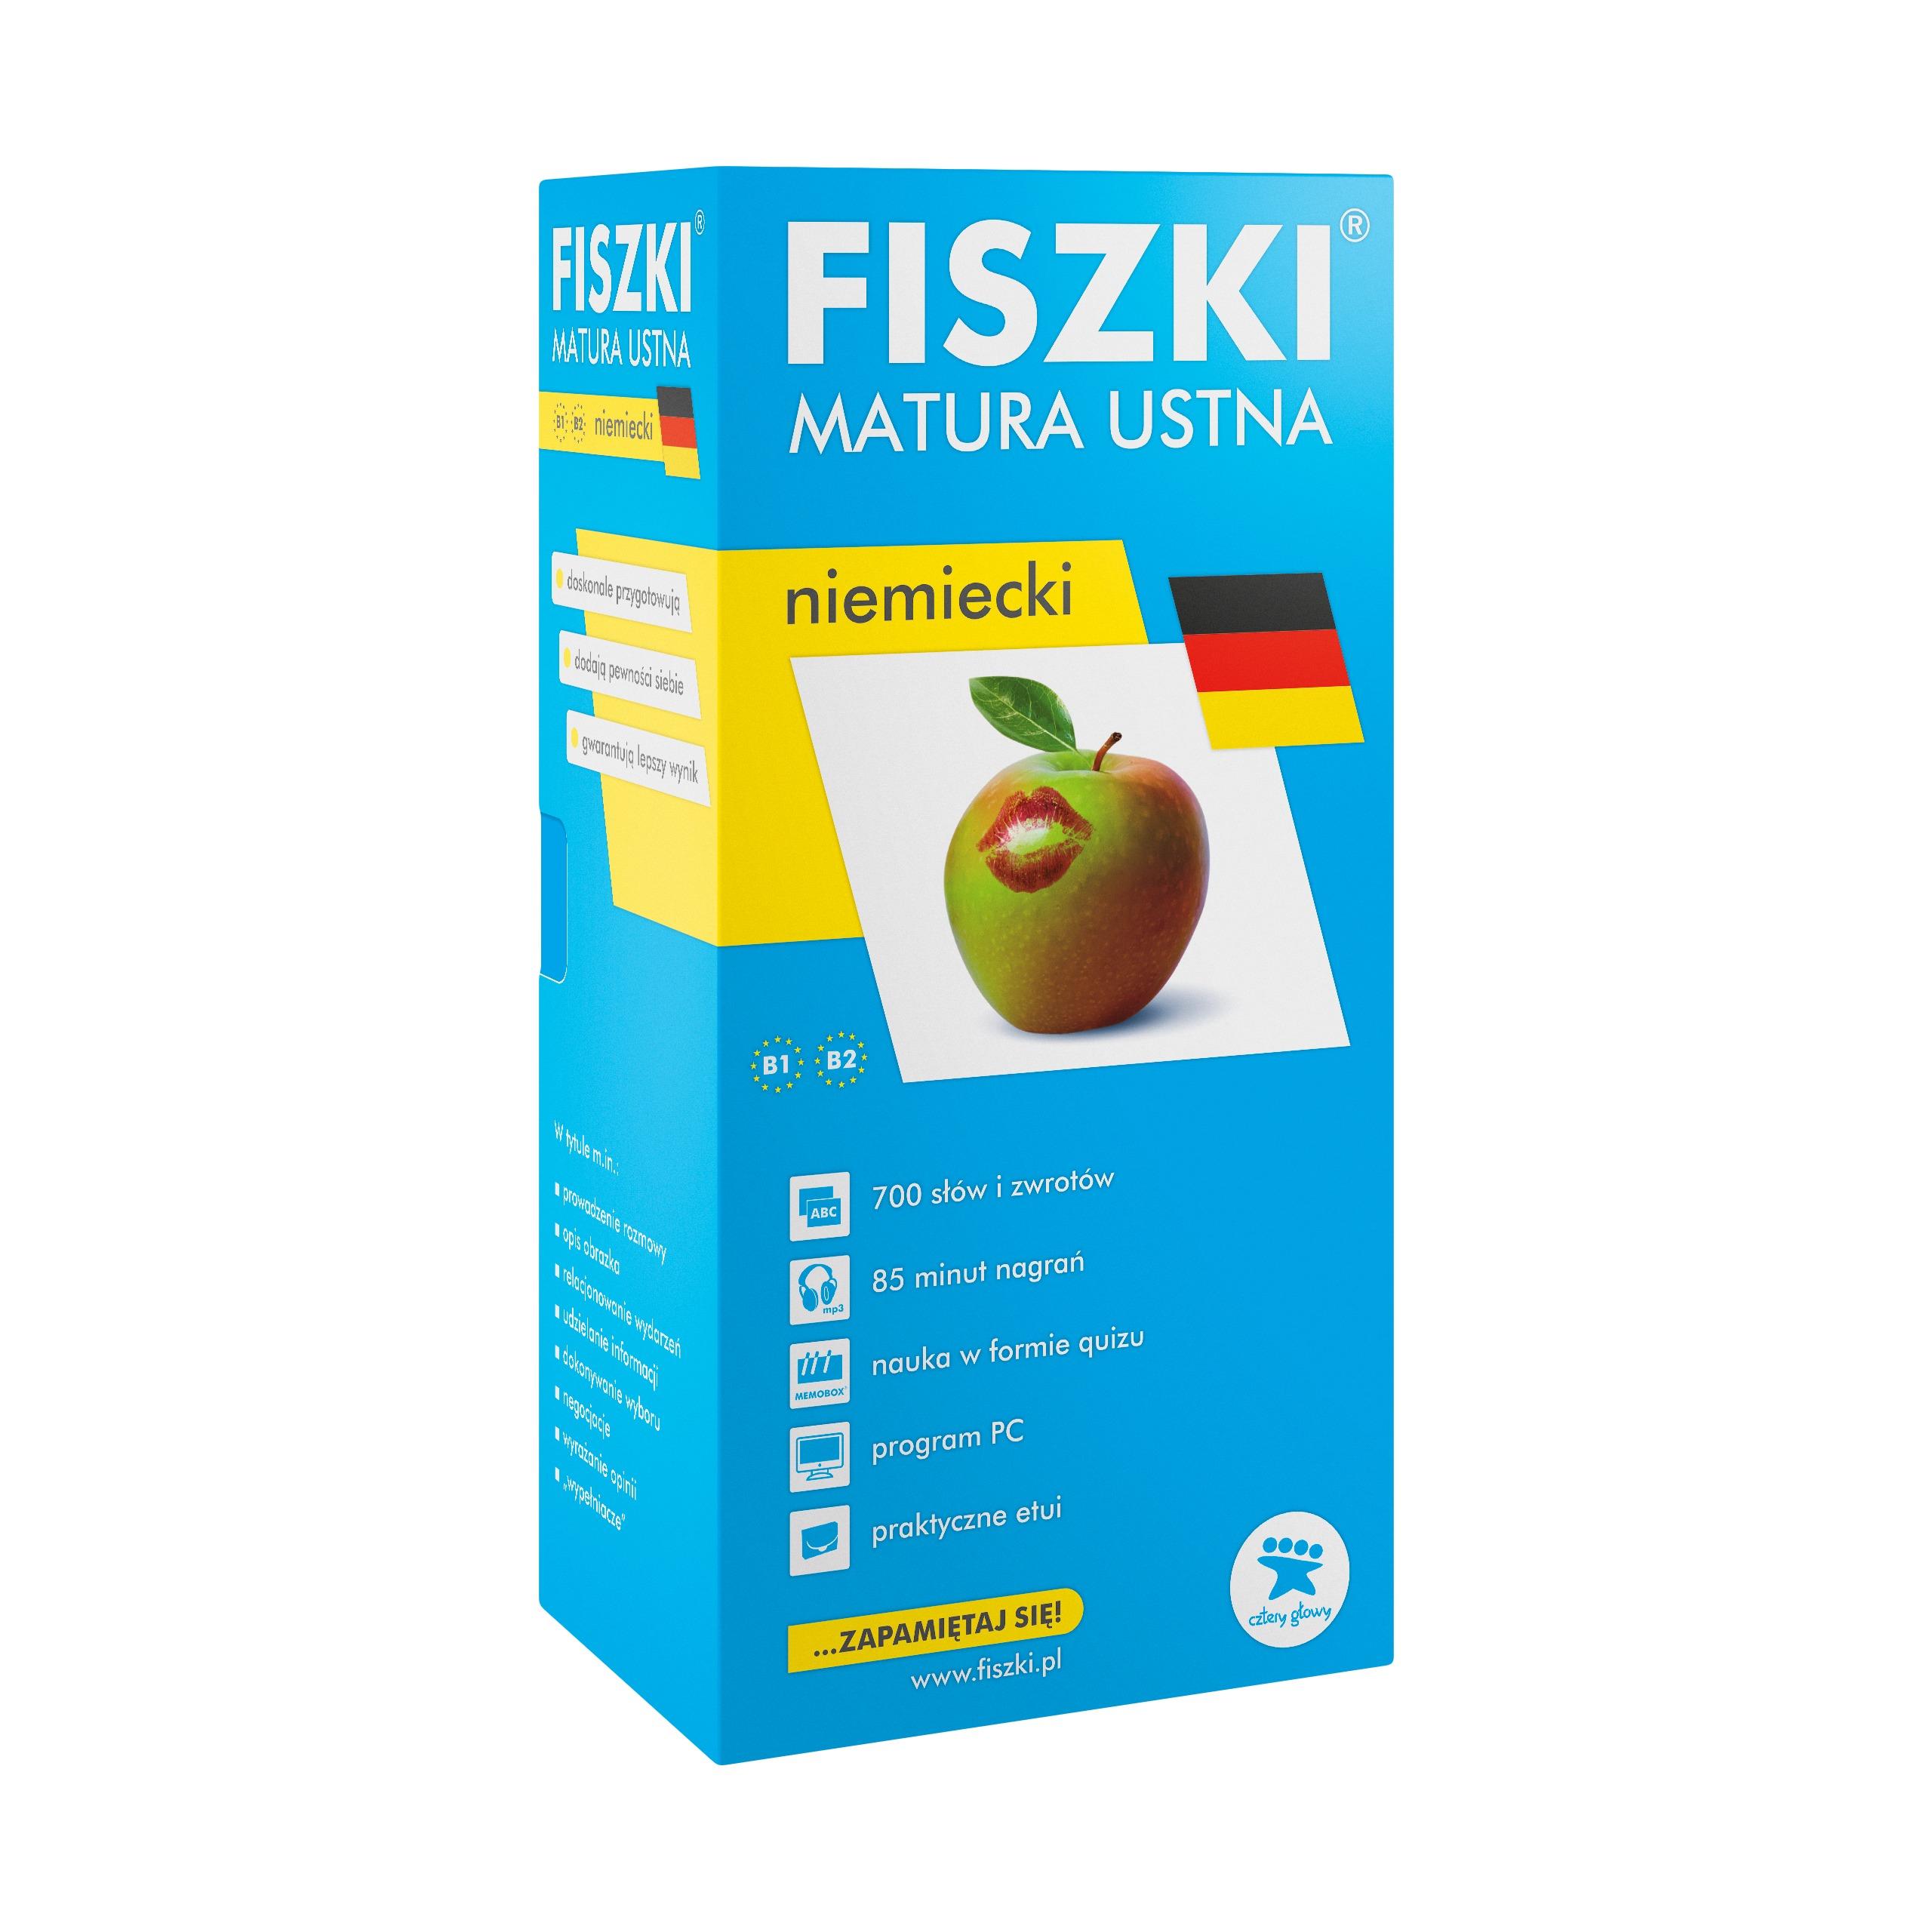 FISZKI - niemiecki - Matura ustna